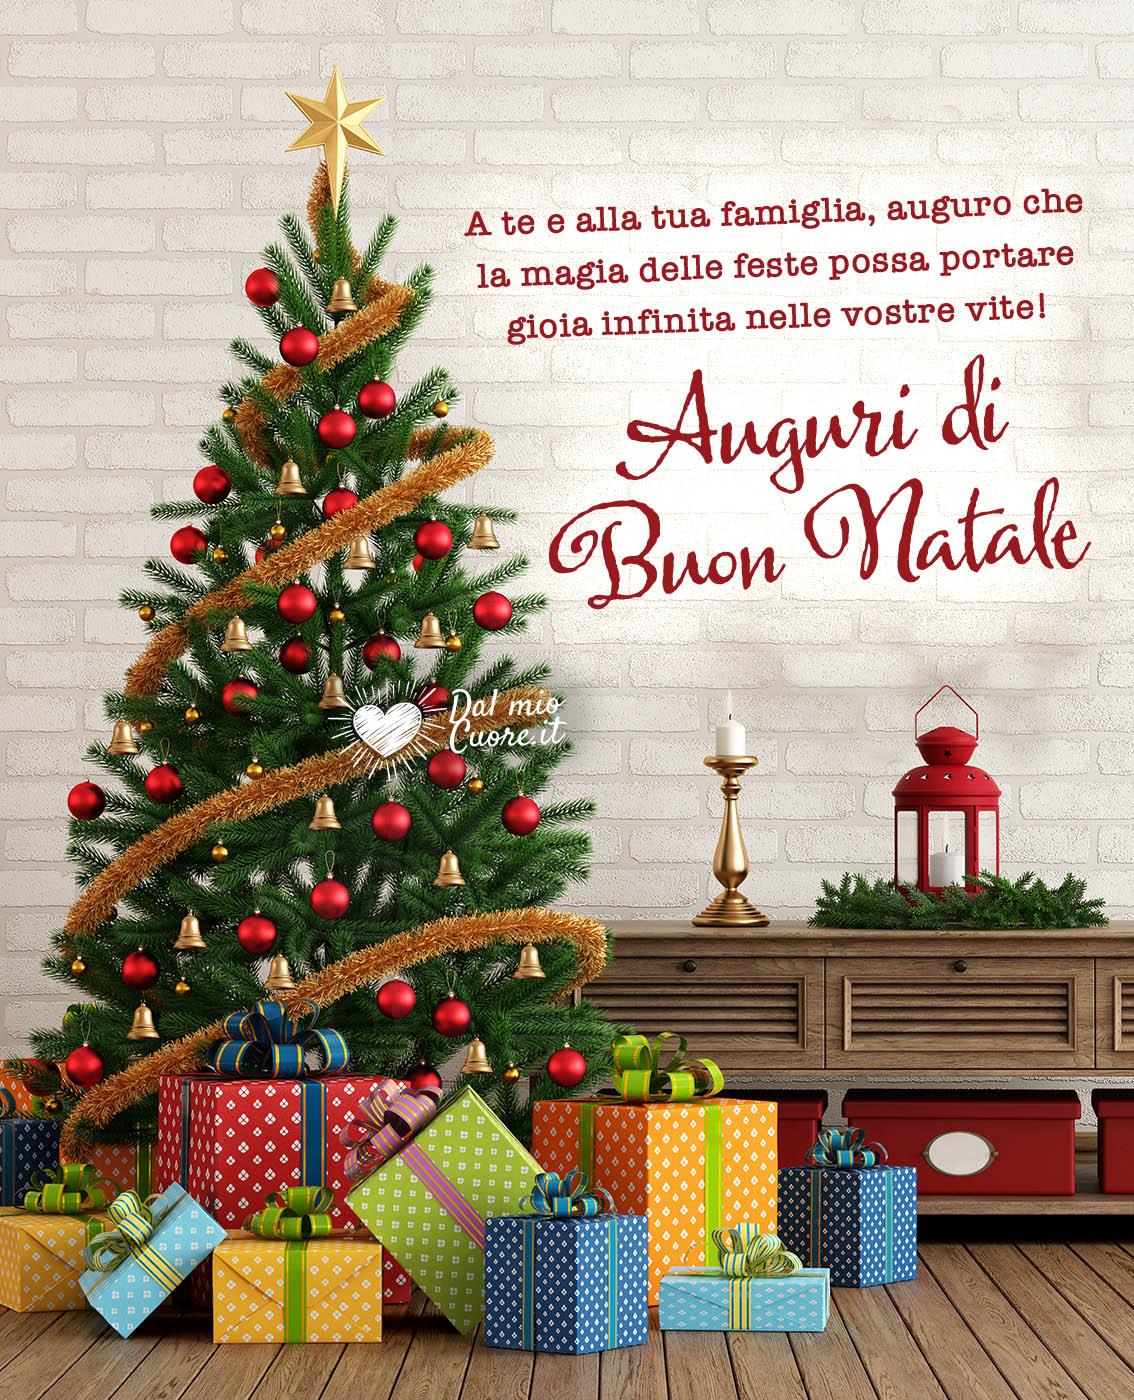 Auguri Di Buon Natale Jpg.Auguri Di Buon Natale Immagini Video E Gif Per Facebook E Whatsapp